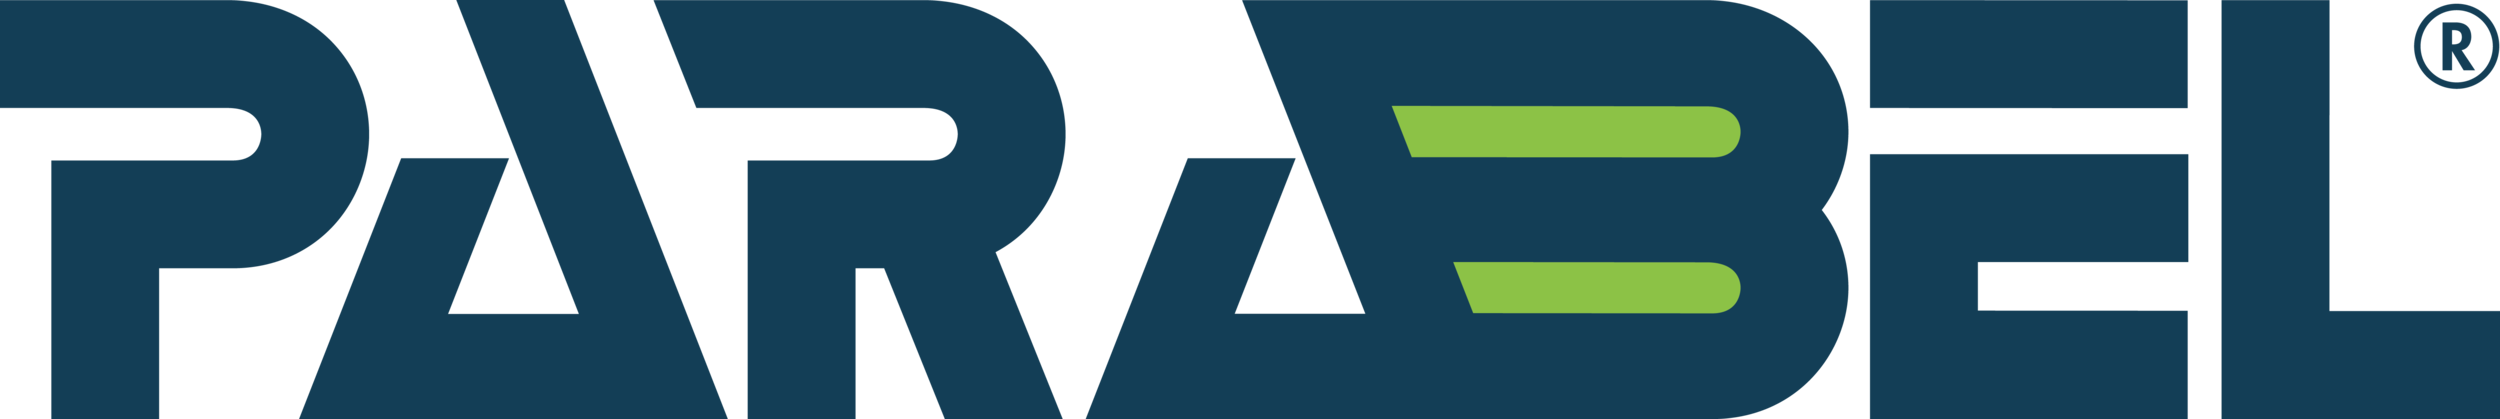 Parabel-Logo.png